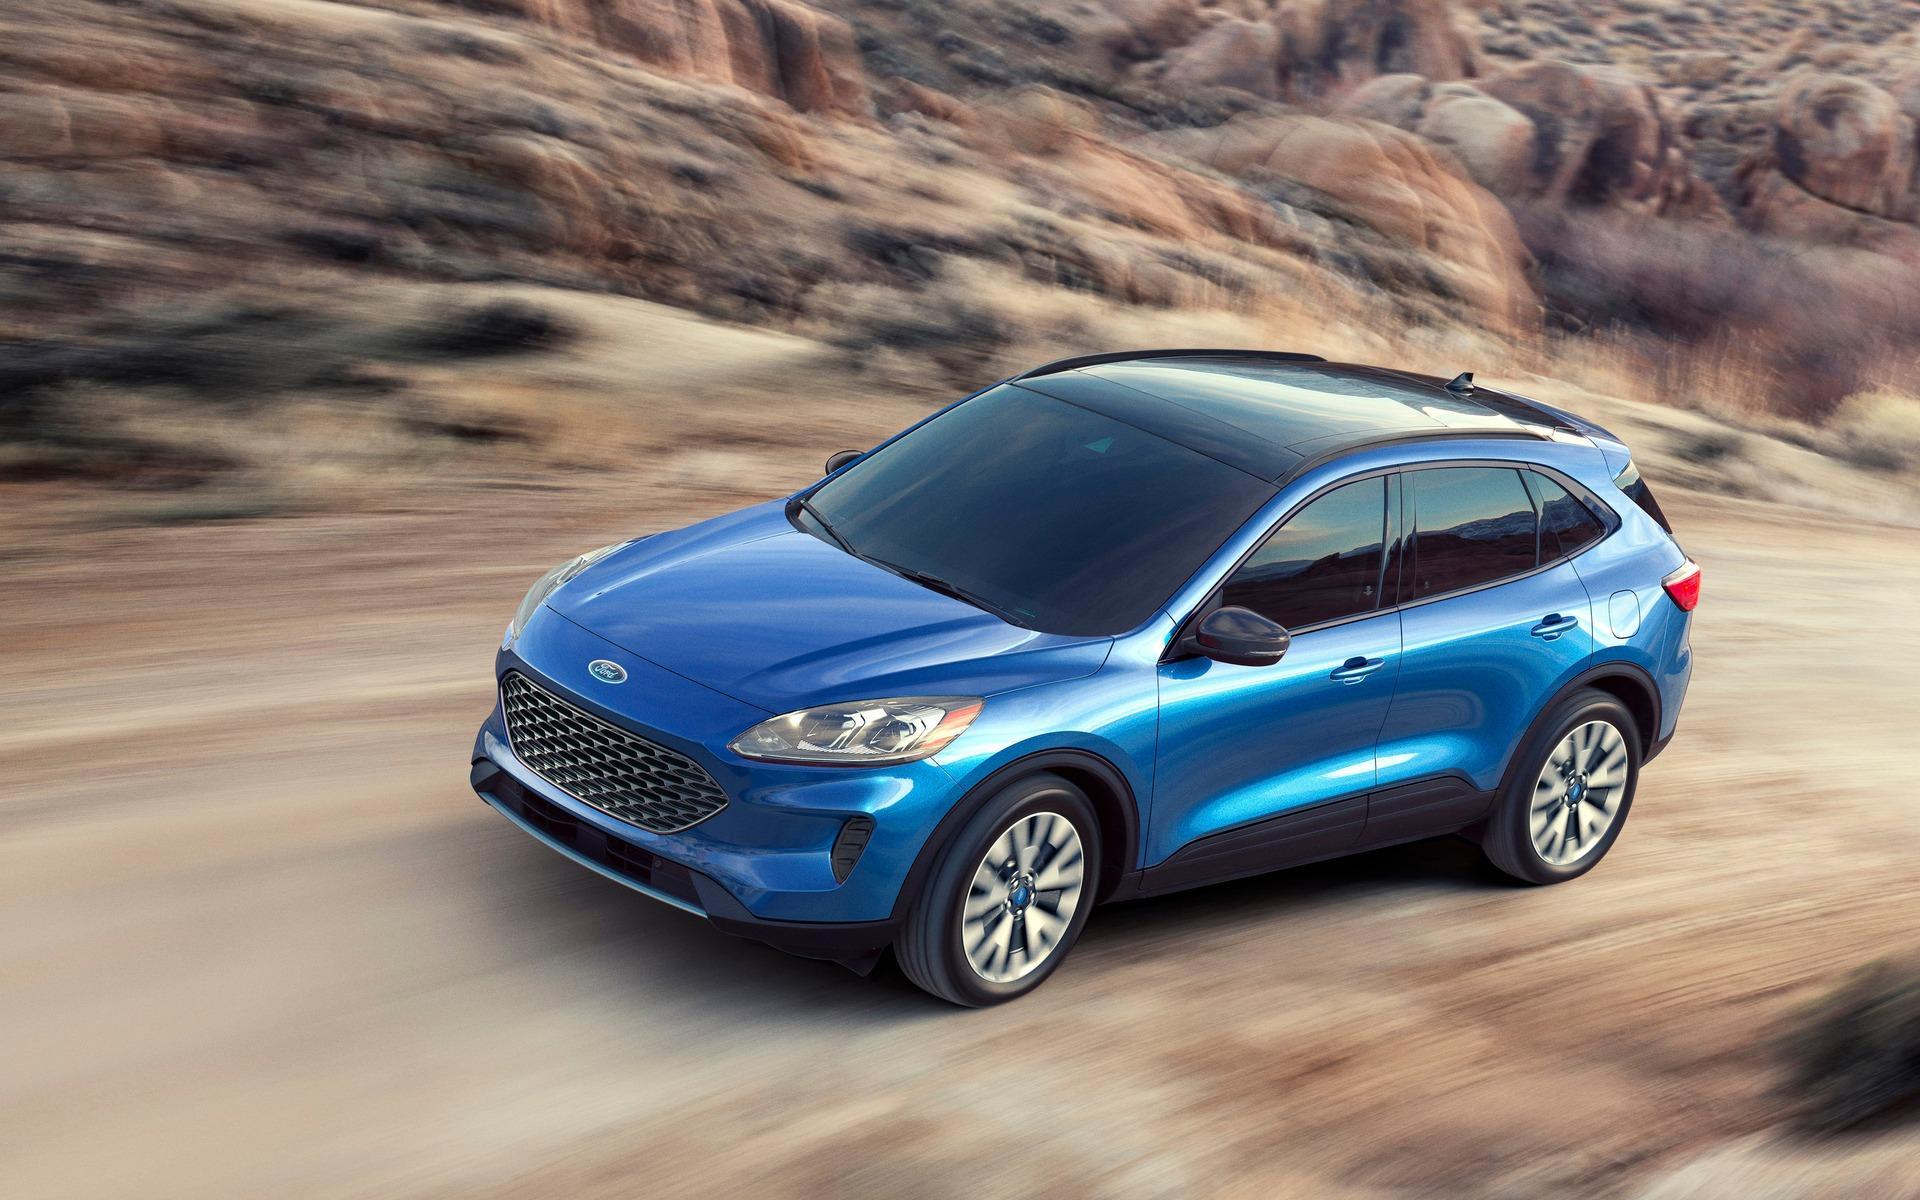 Ford | Ford Escape 2020. | Autos À Vendre Sur Autoaubaine